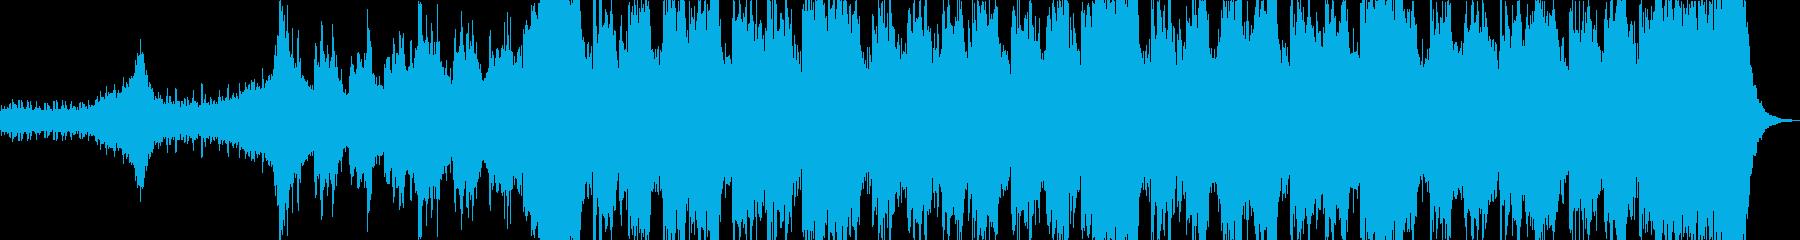 明るくインパクトある壮大なオーケストラの再生済みの波形